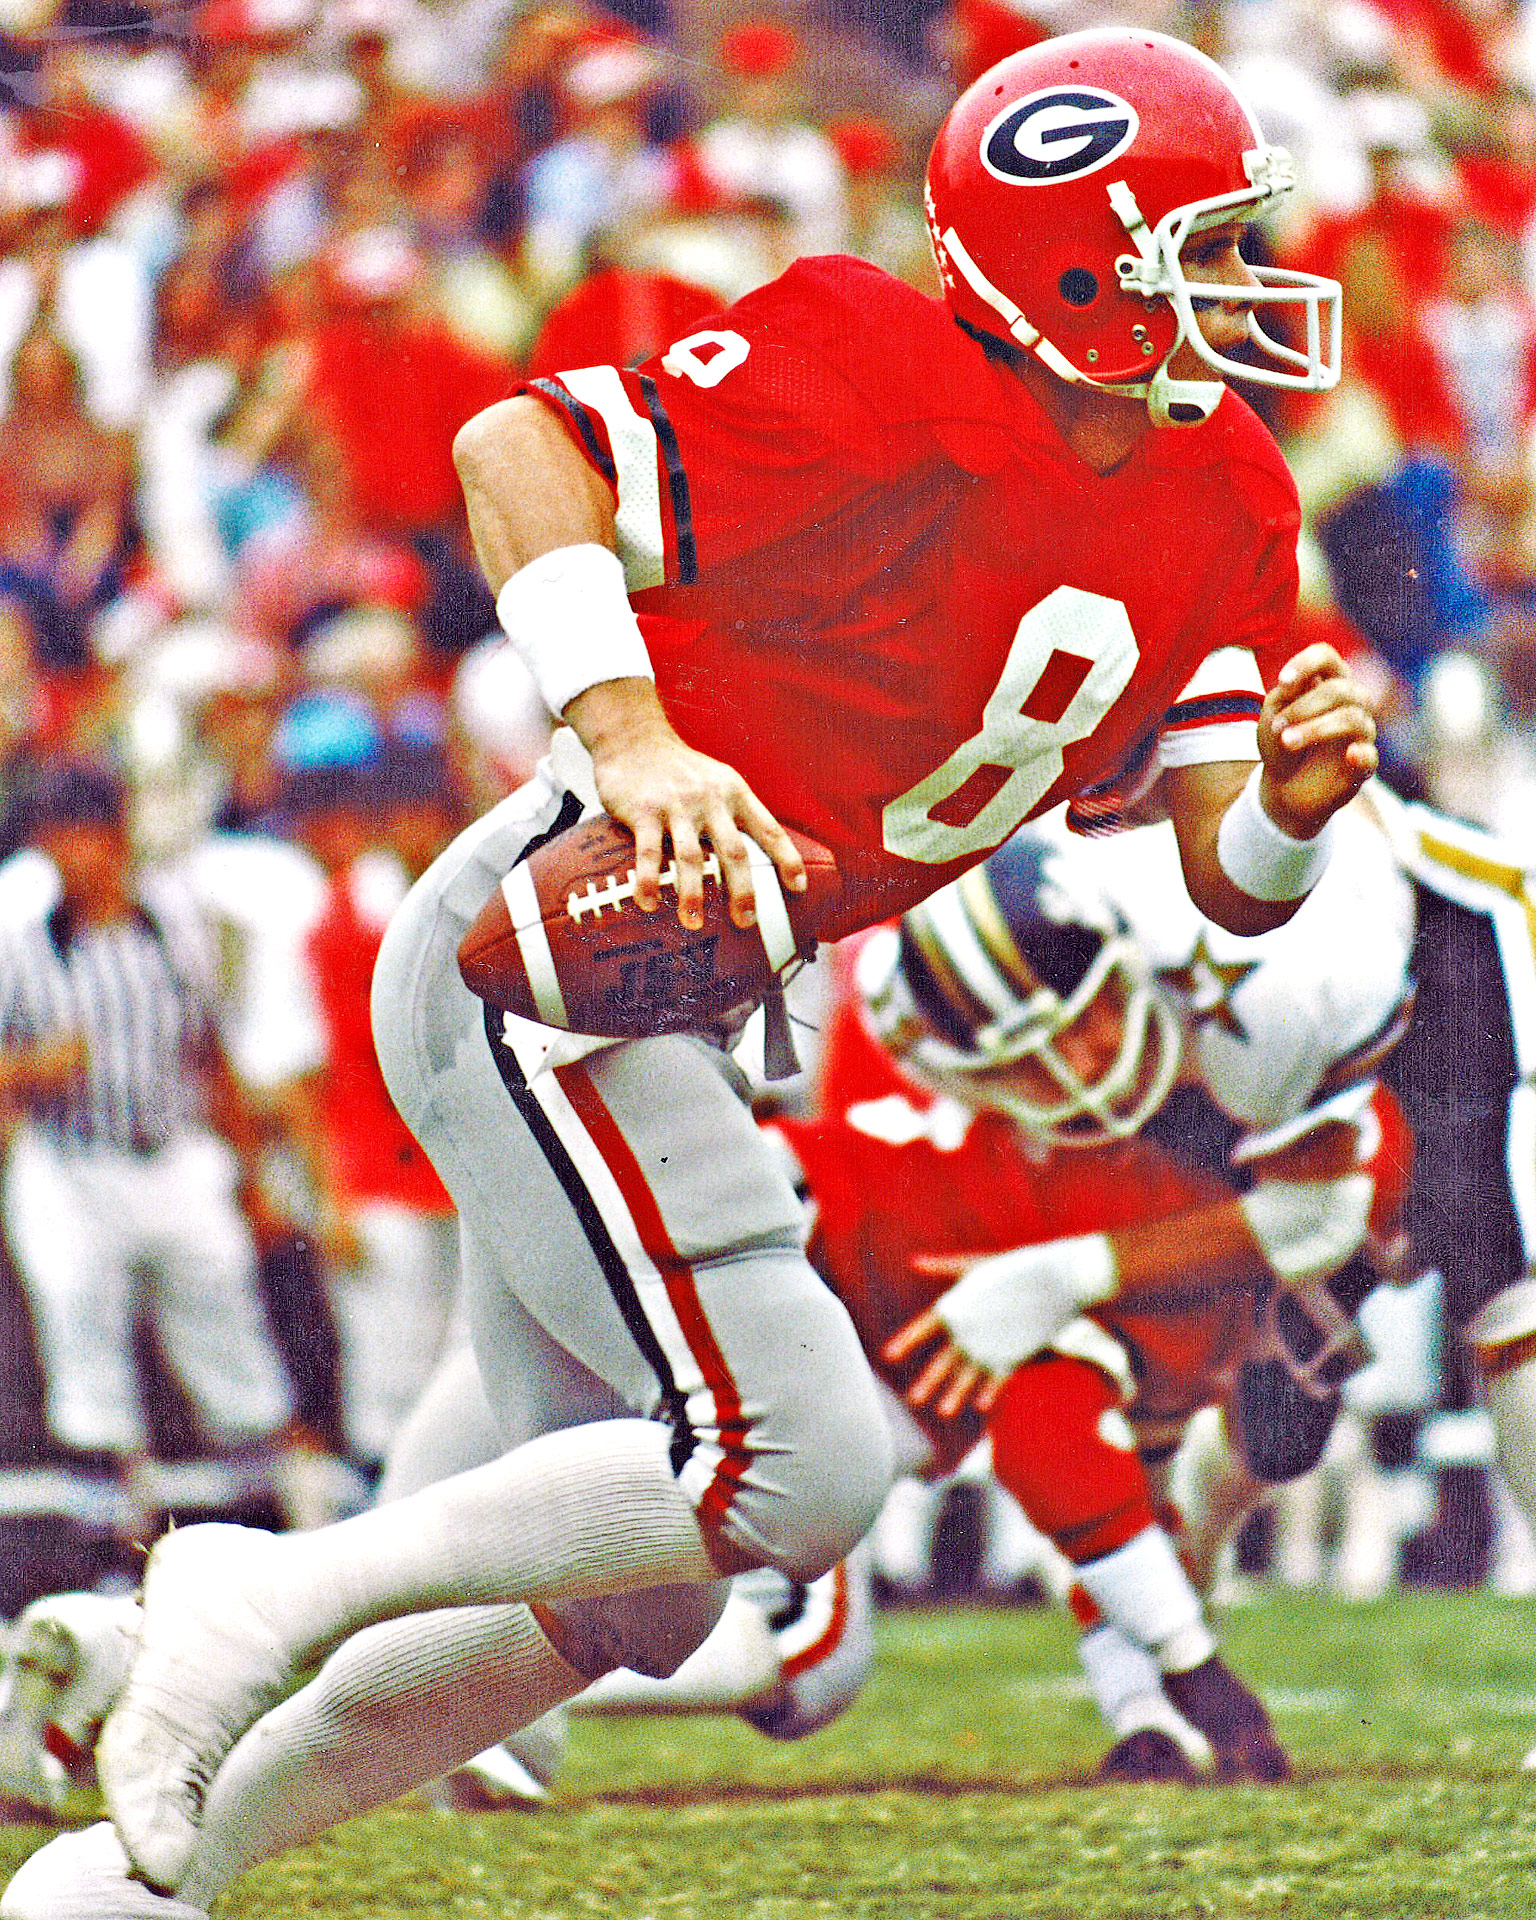 1980 Georgia home red